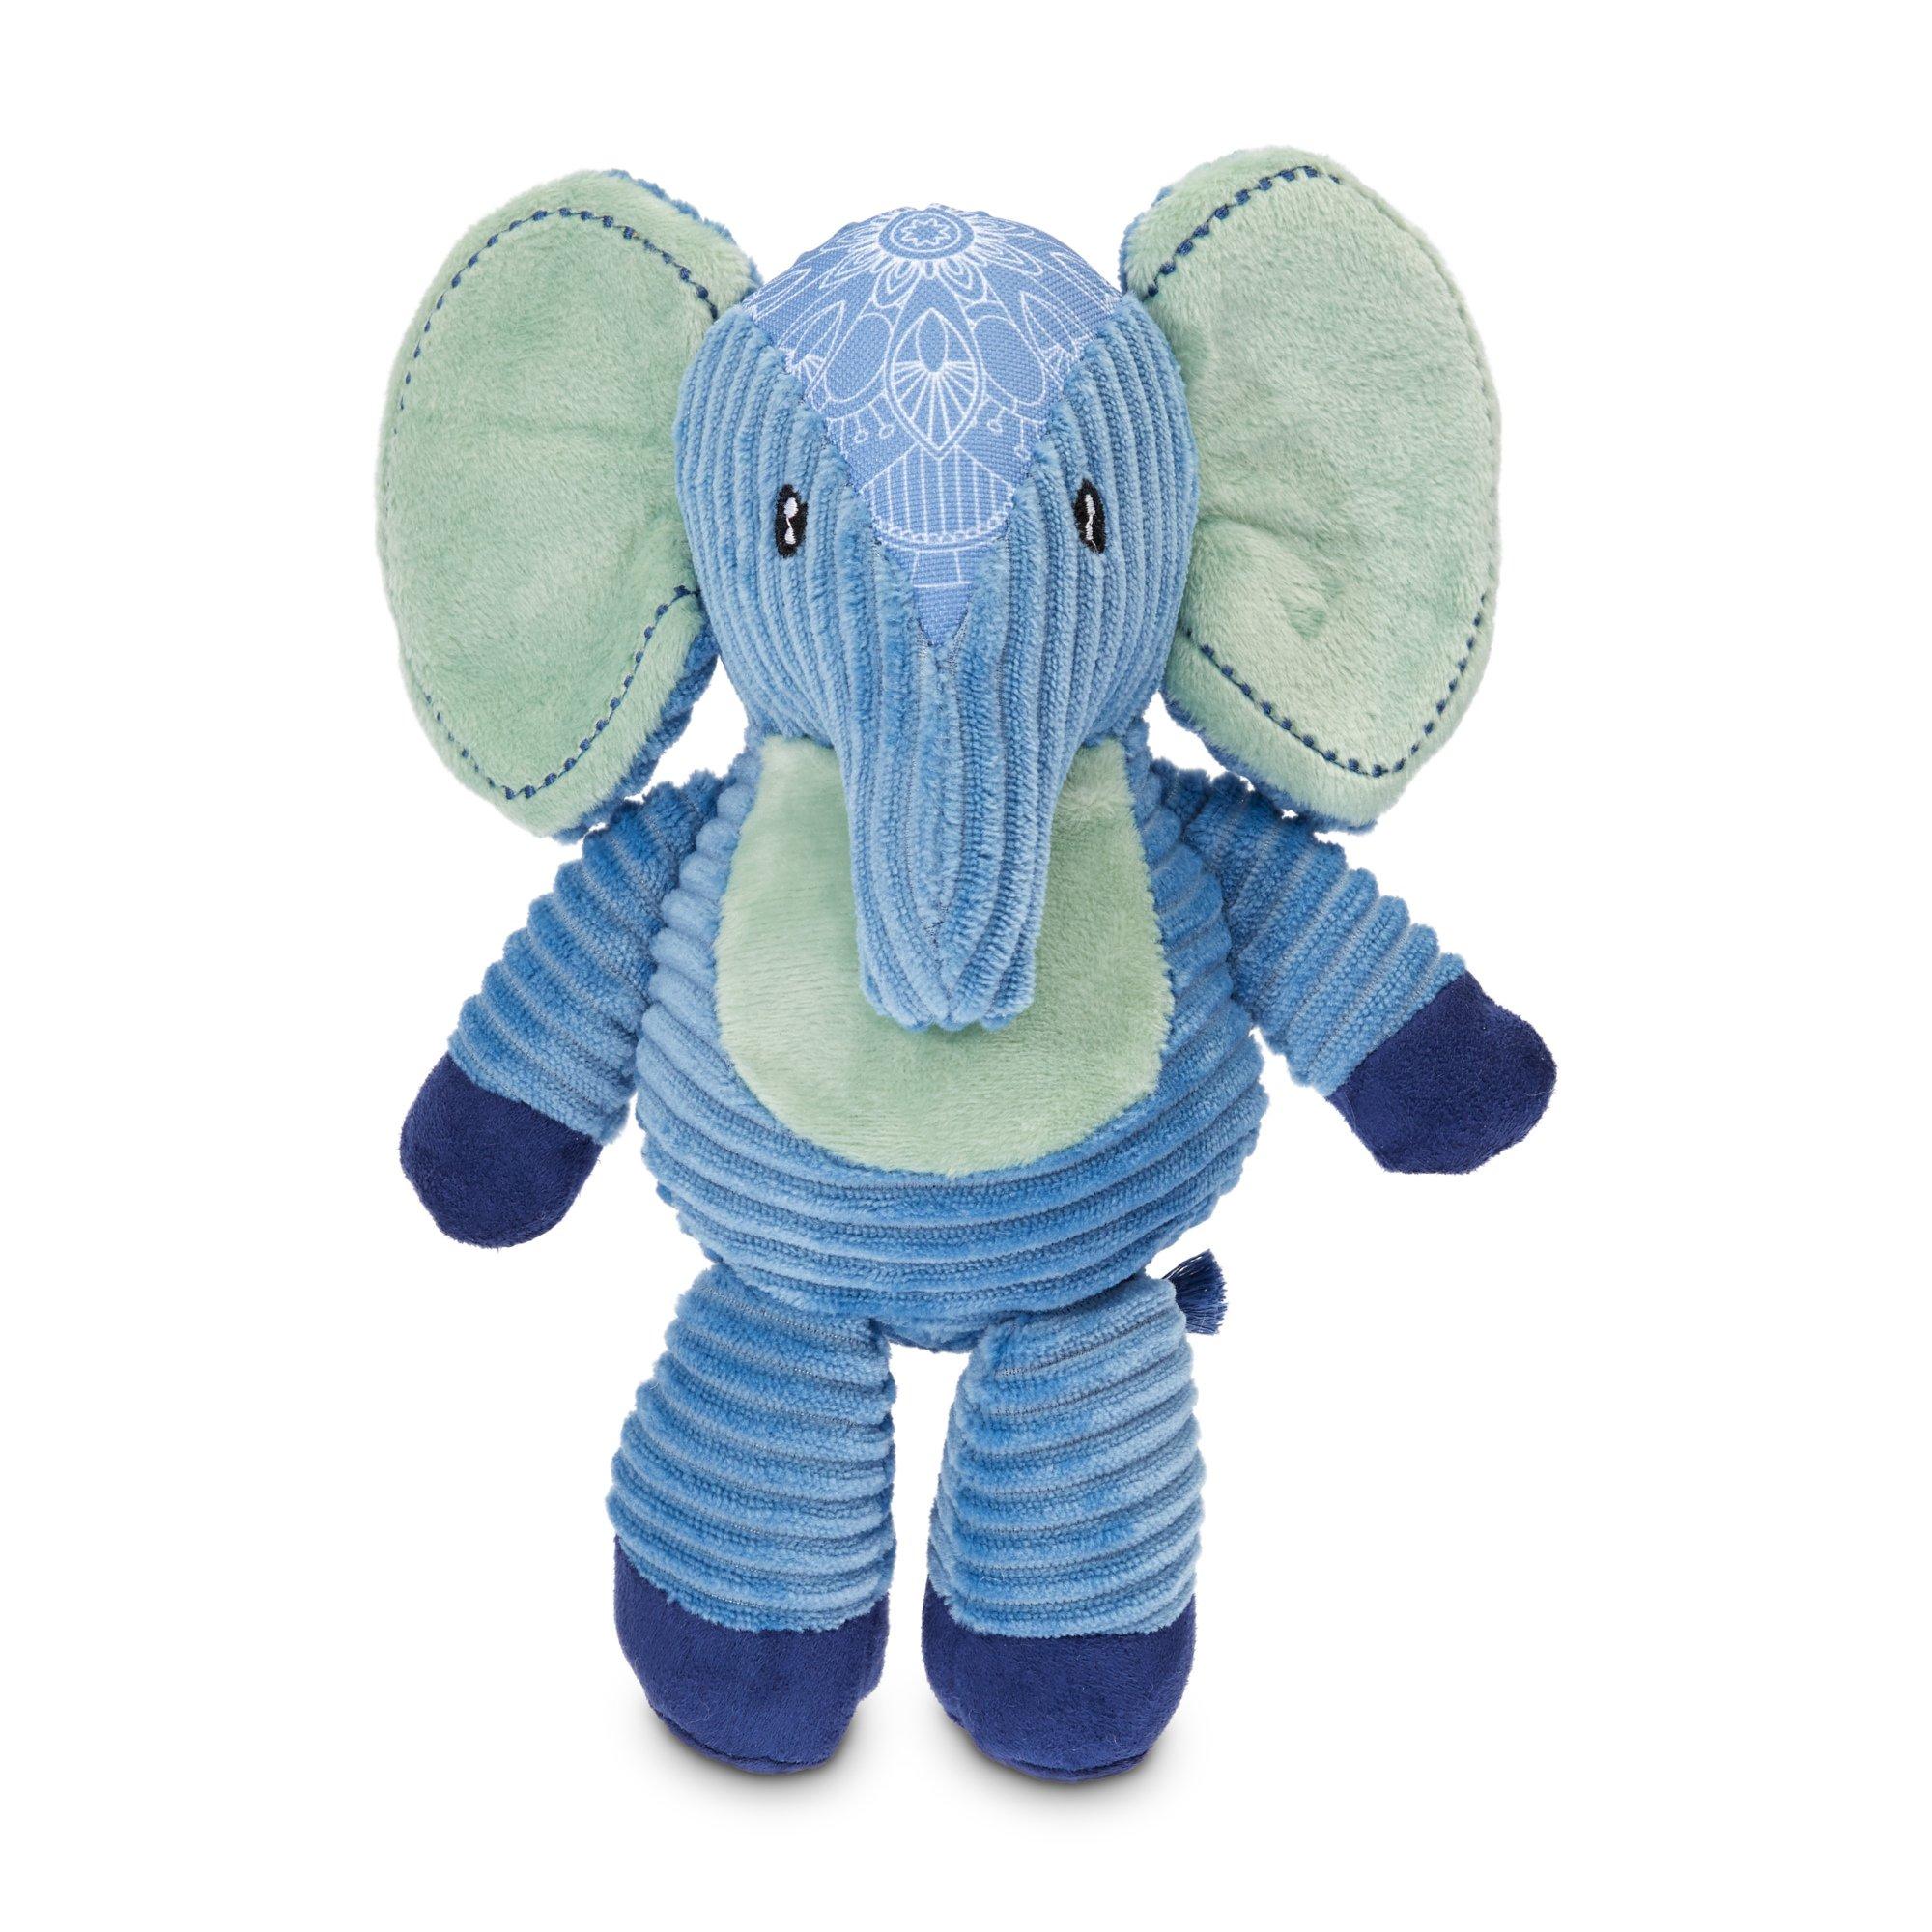 Serenity Peaceful Elephant Plush Bungee Dog Toy Medium Elephant